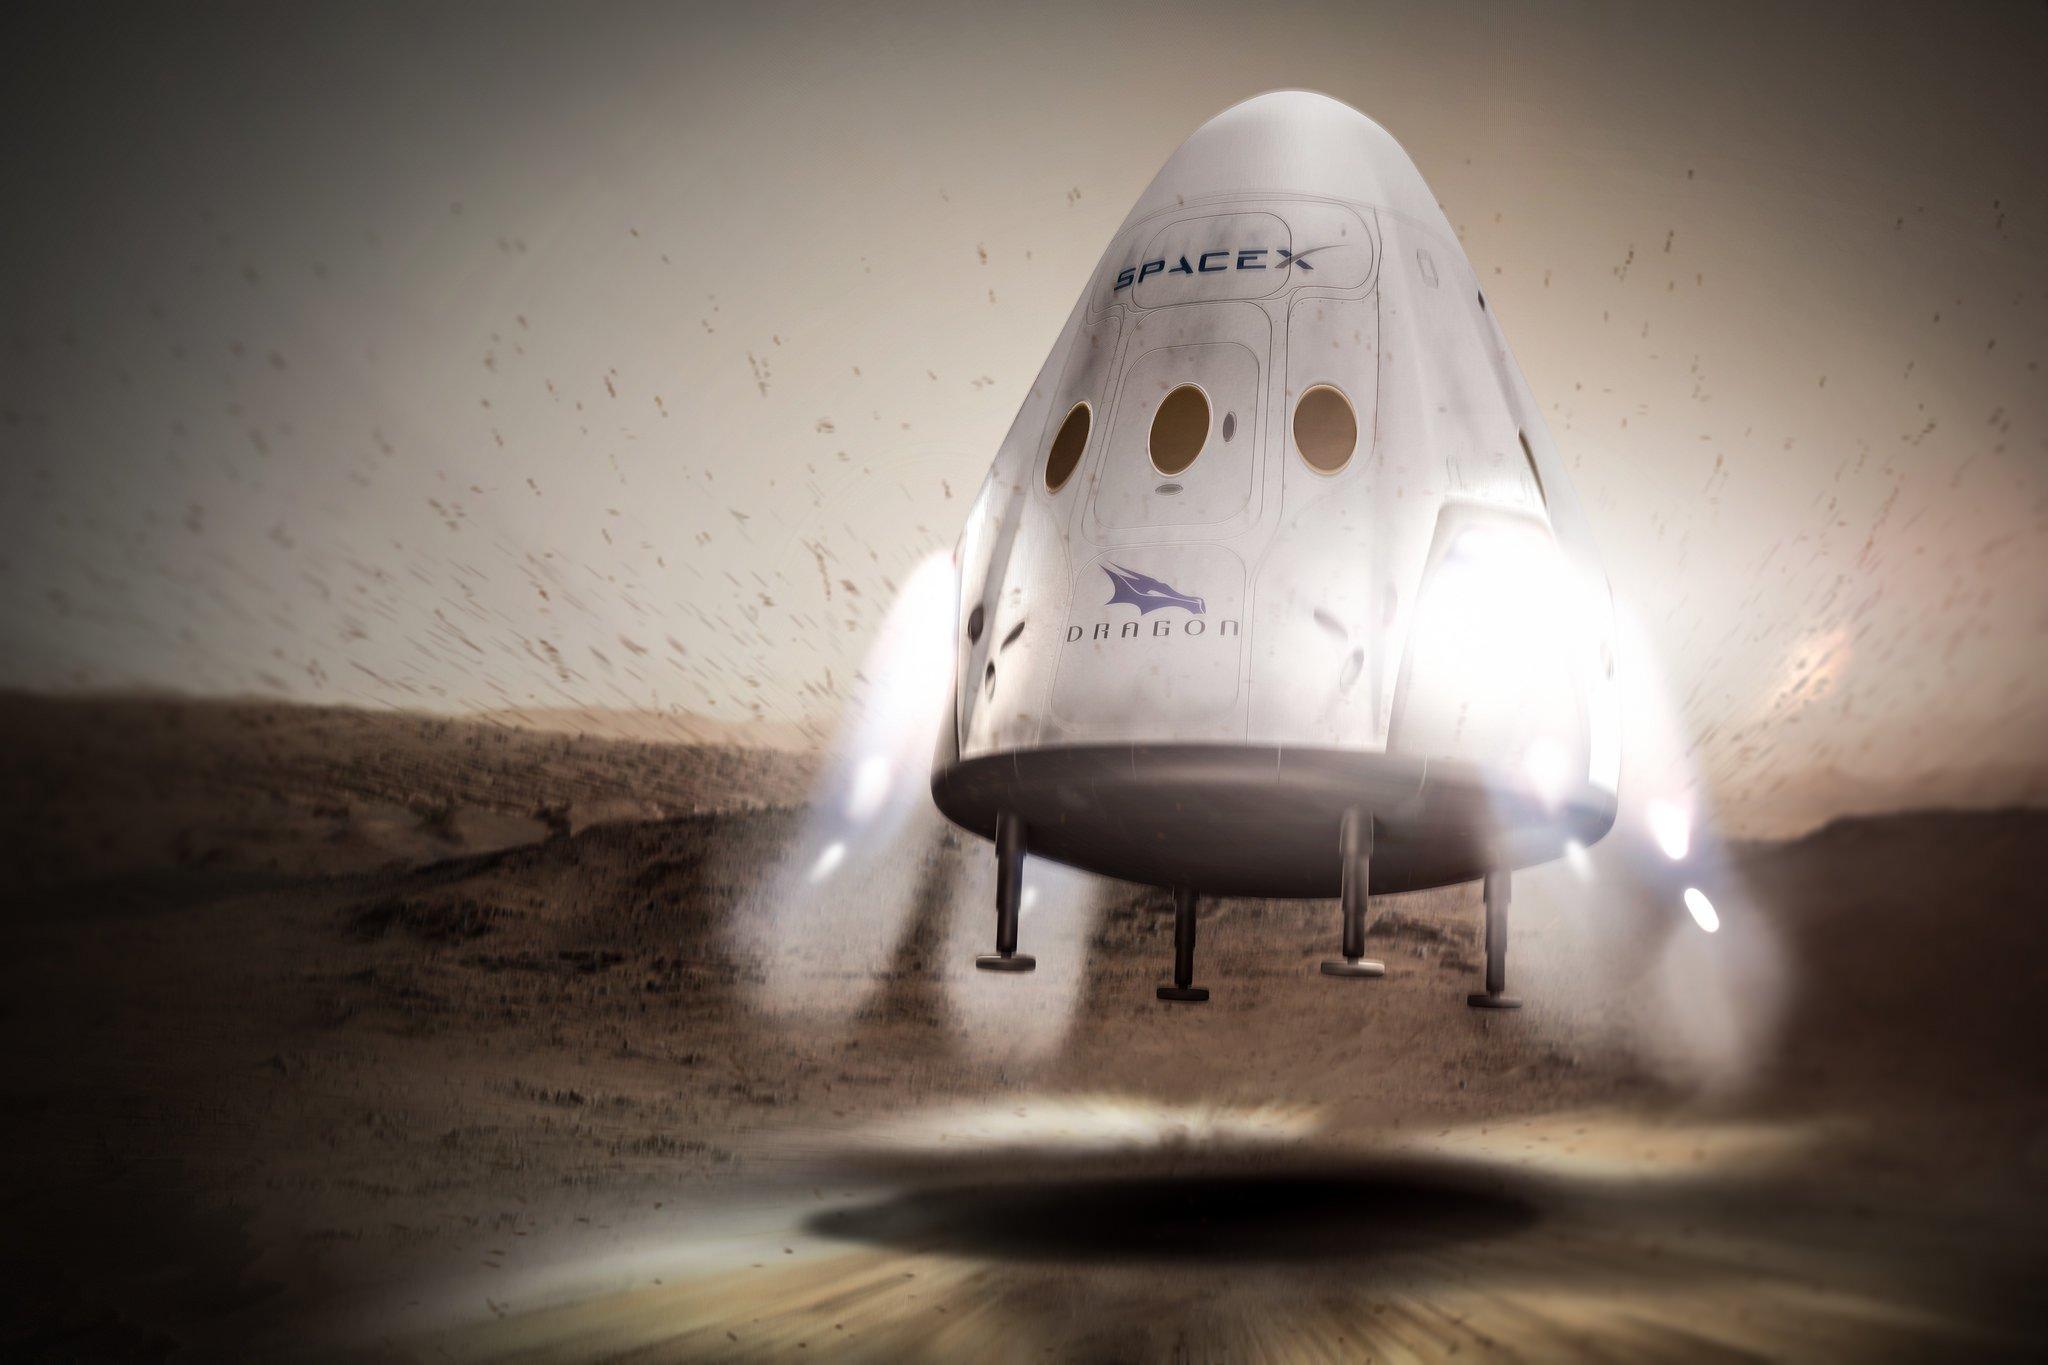 Die Dragon-Kapsel soll bei der Landung auf dem Mars nicht durch Fallschirme abgebremst werden, sondern durch Rückstoß von Triebwerken.